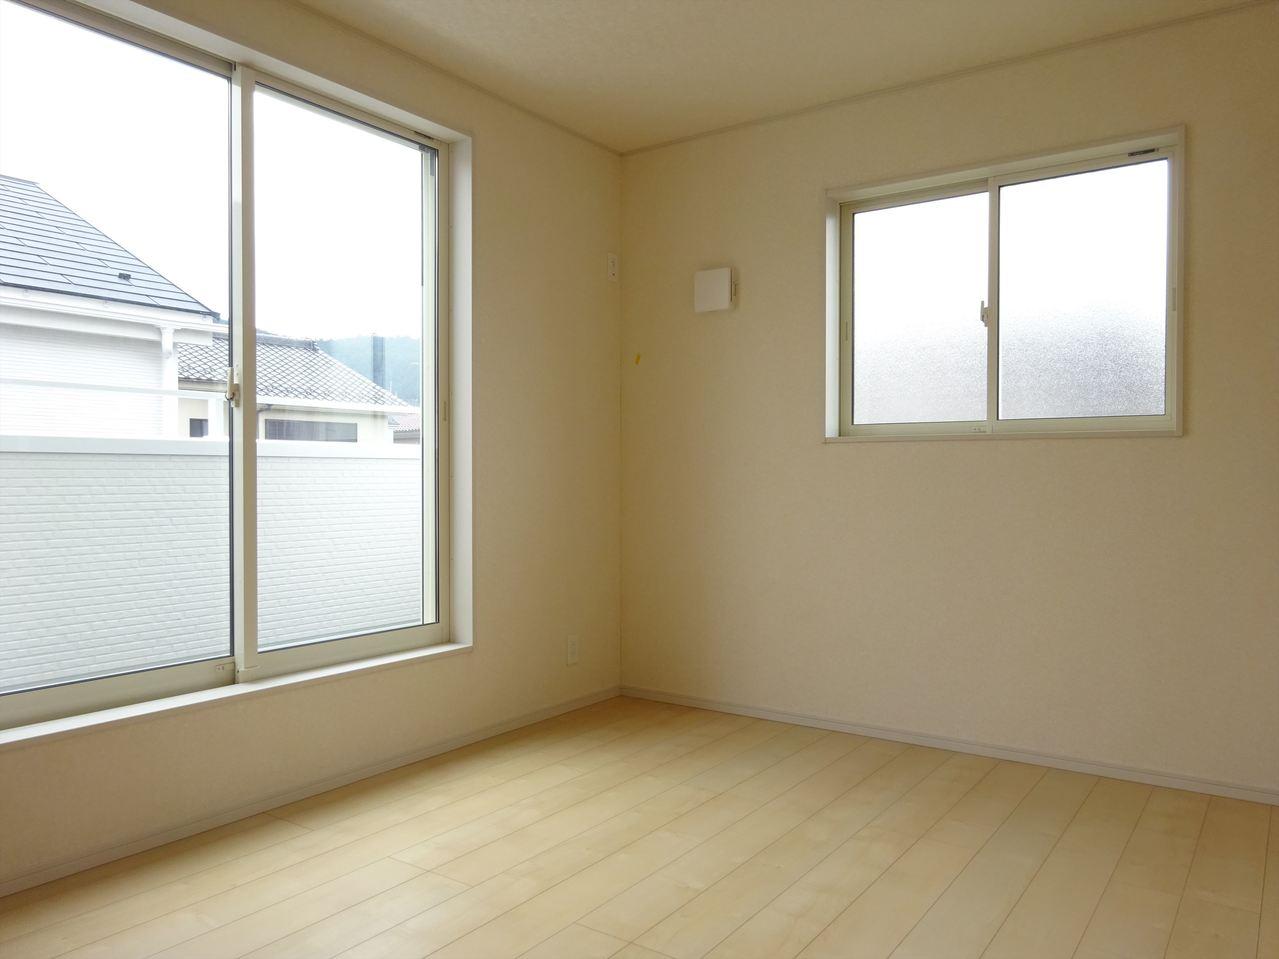 大きな窓のある明るい洋室です